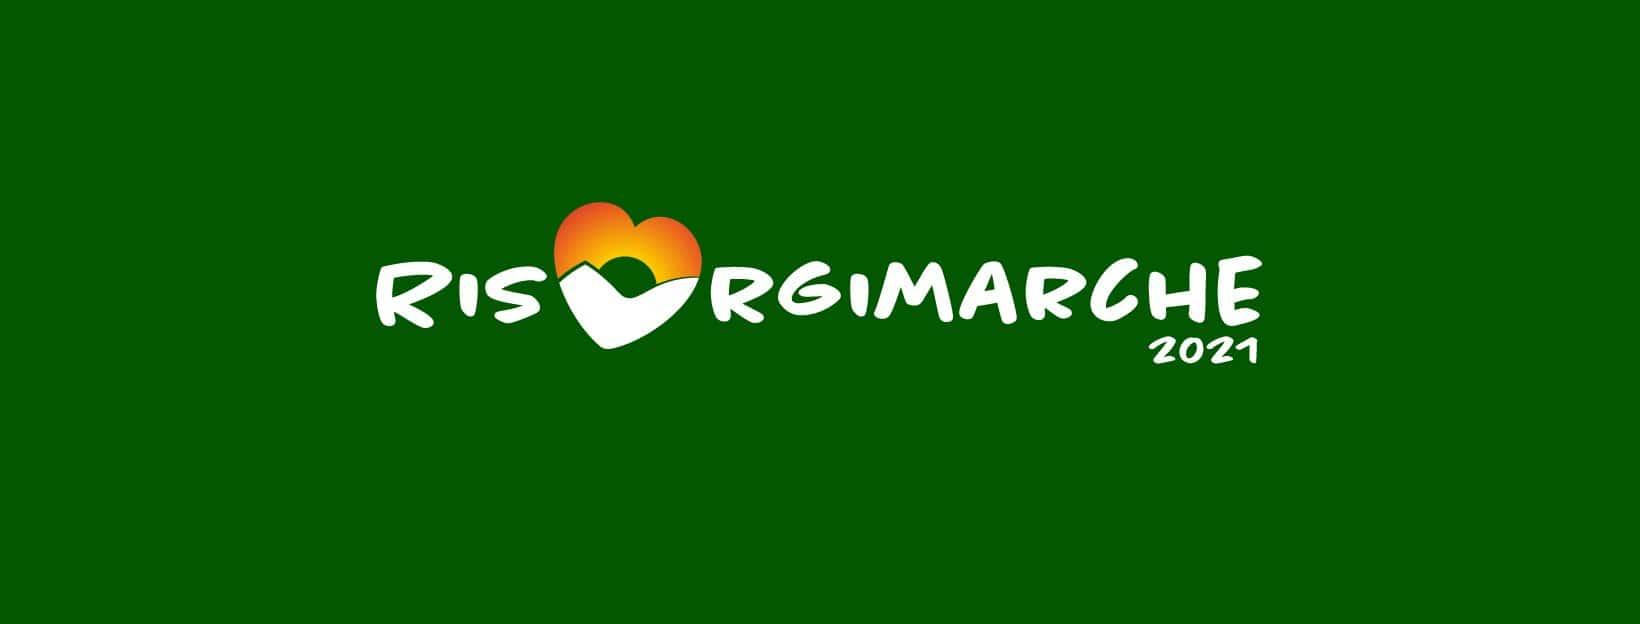 RisorgiMarche2021